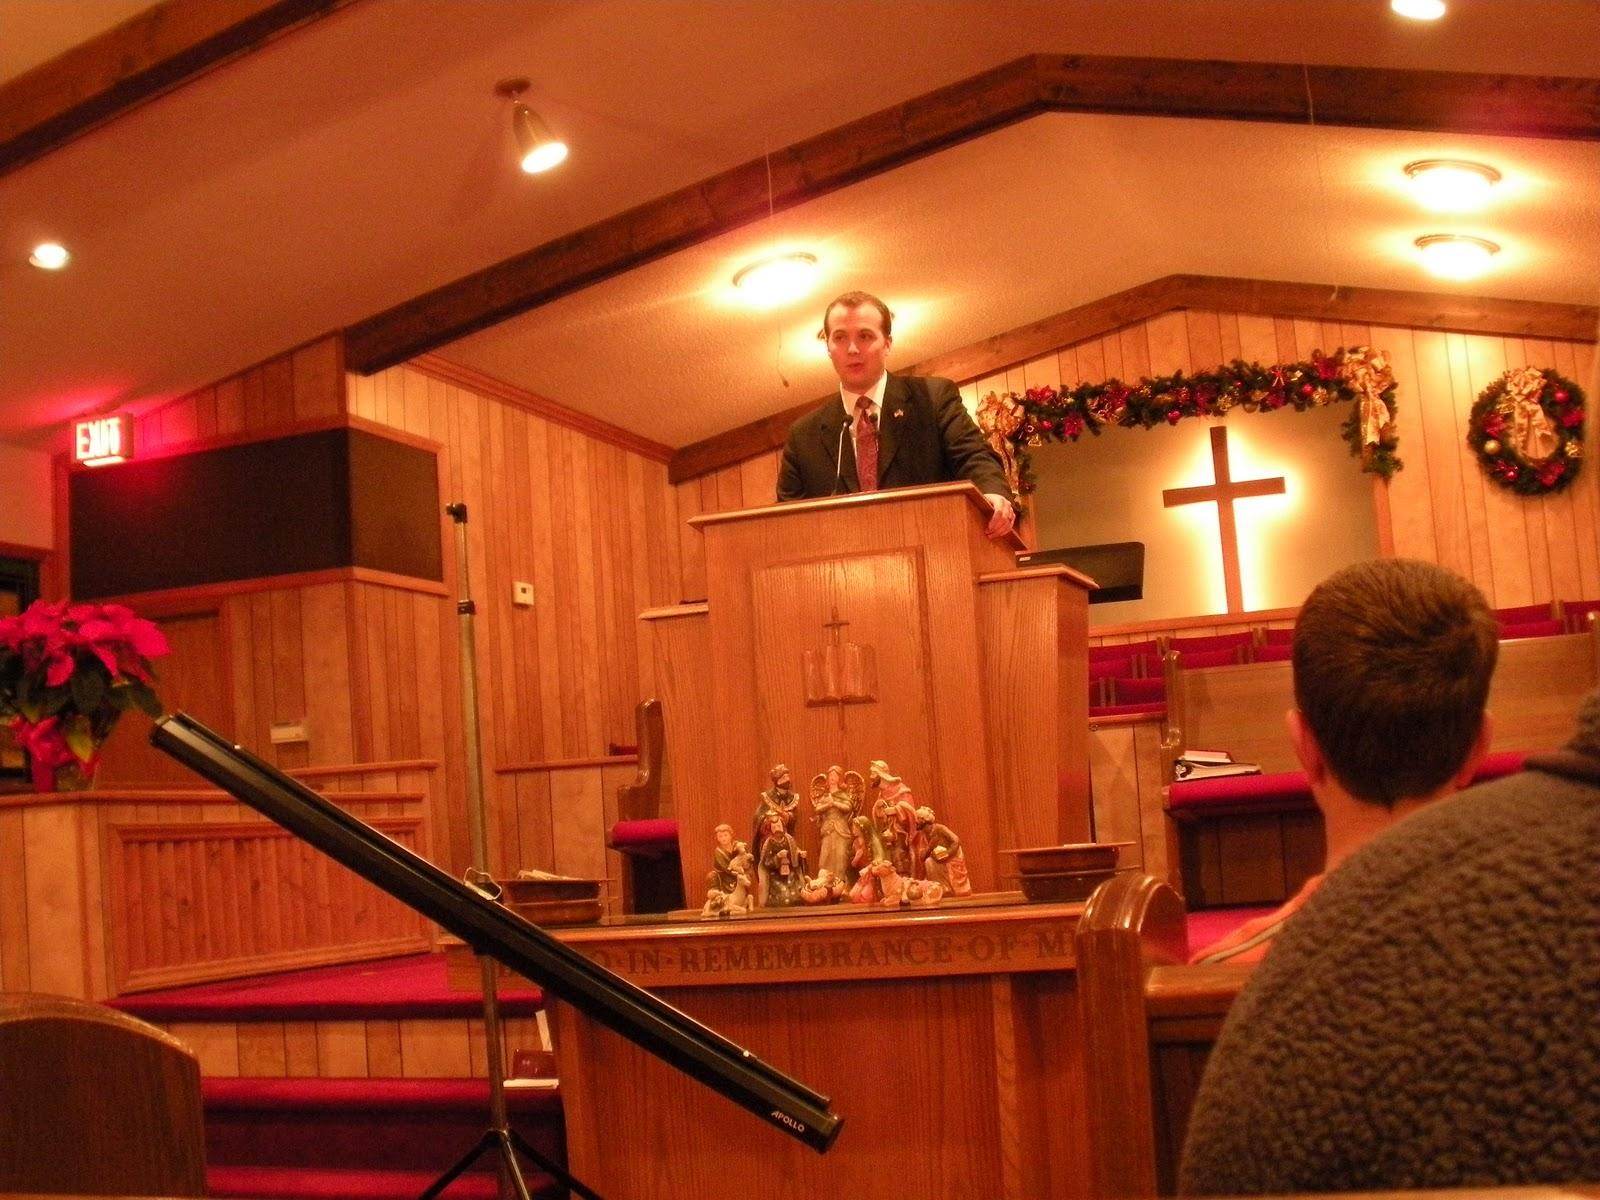 http://3.bp.blogspot.com/_LfmKuzESYJA/TSTW2N21NpI/AAAAAAAAAMA/kTw_MgH6qA8/s1600/Christmas-Colorado+%2528125%2529.JPG